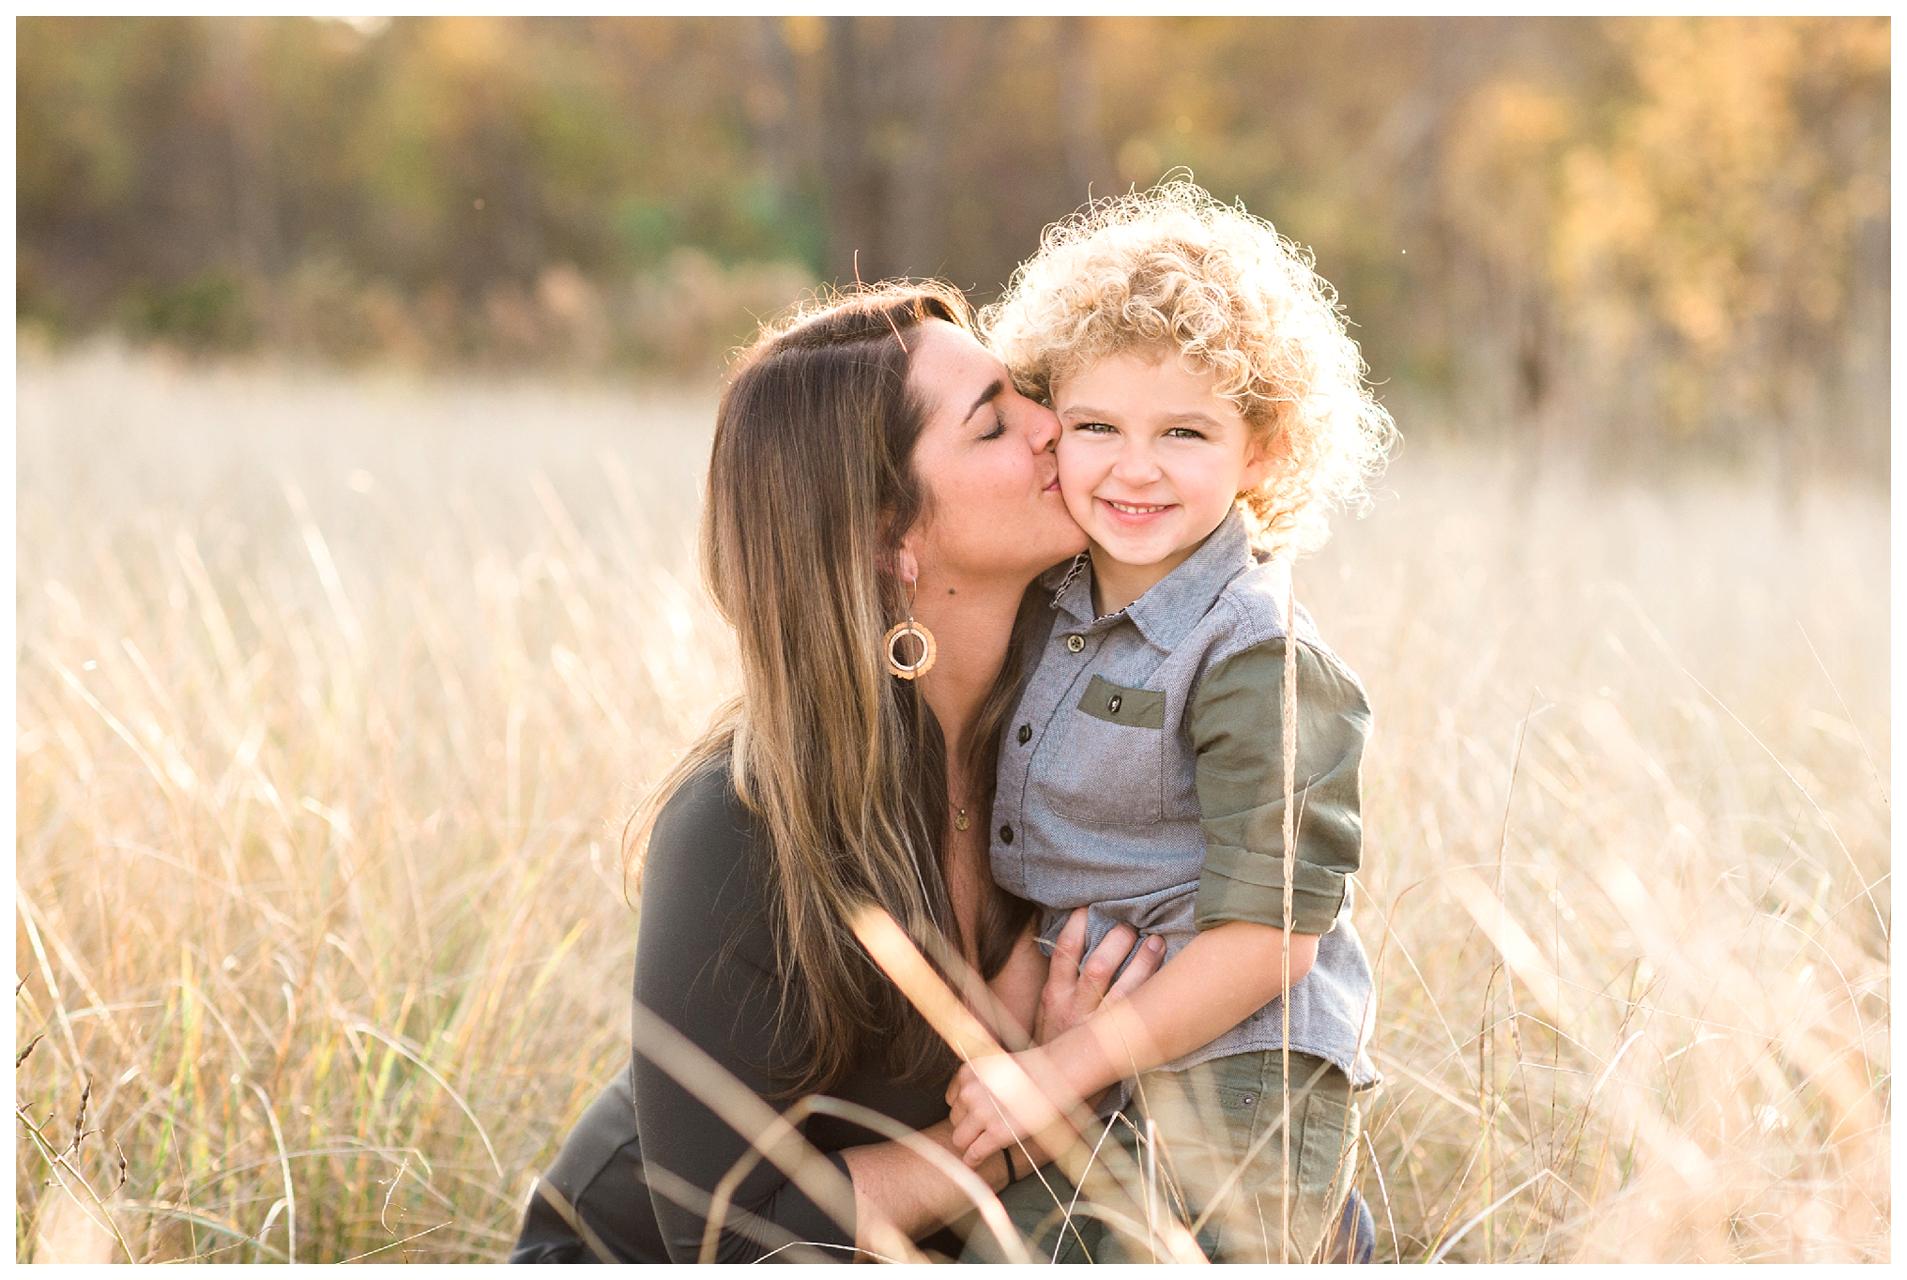 Family-Photographer-Sweet-Light-Portraits16.jpg